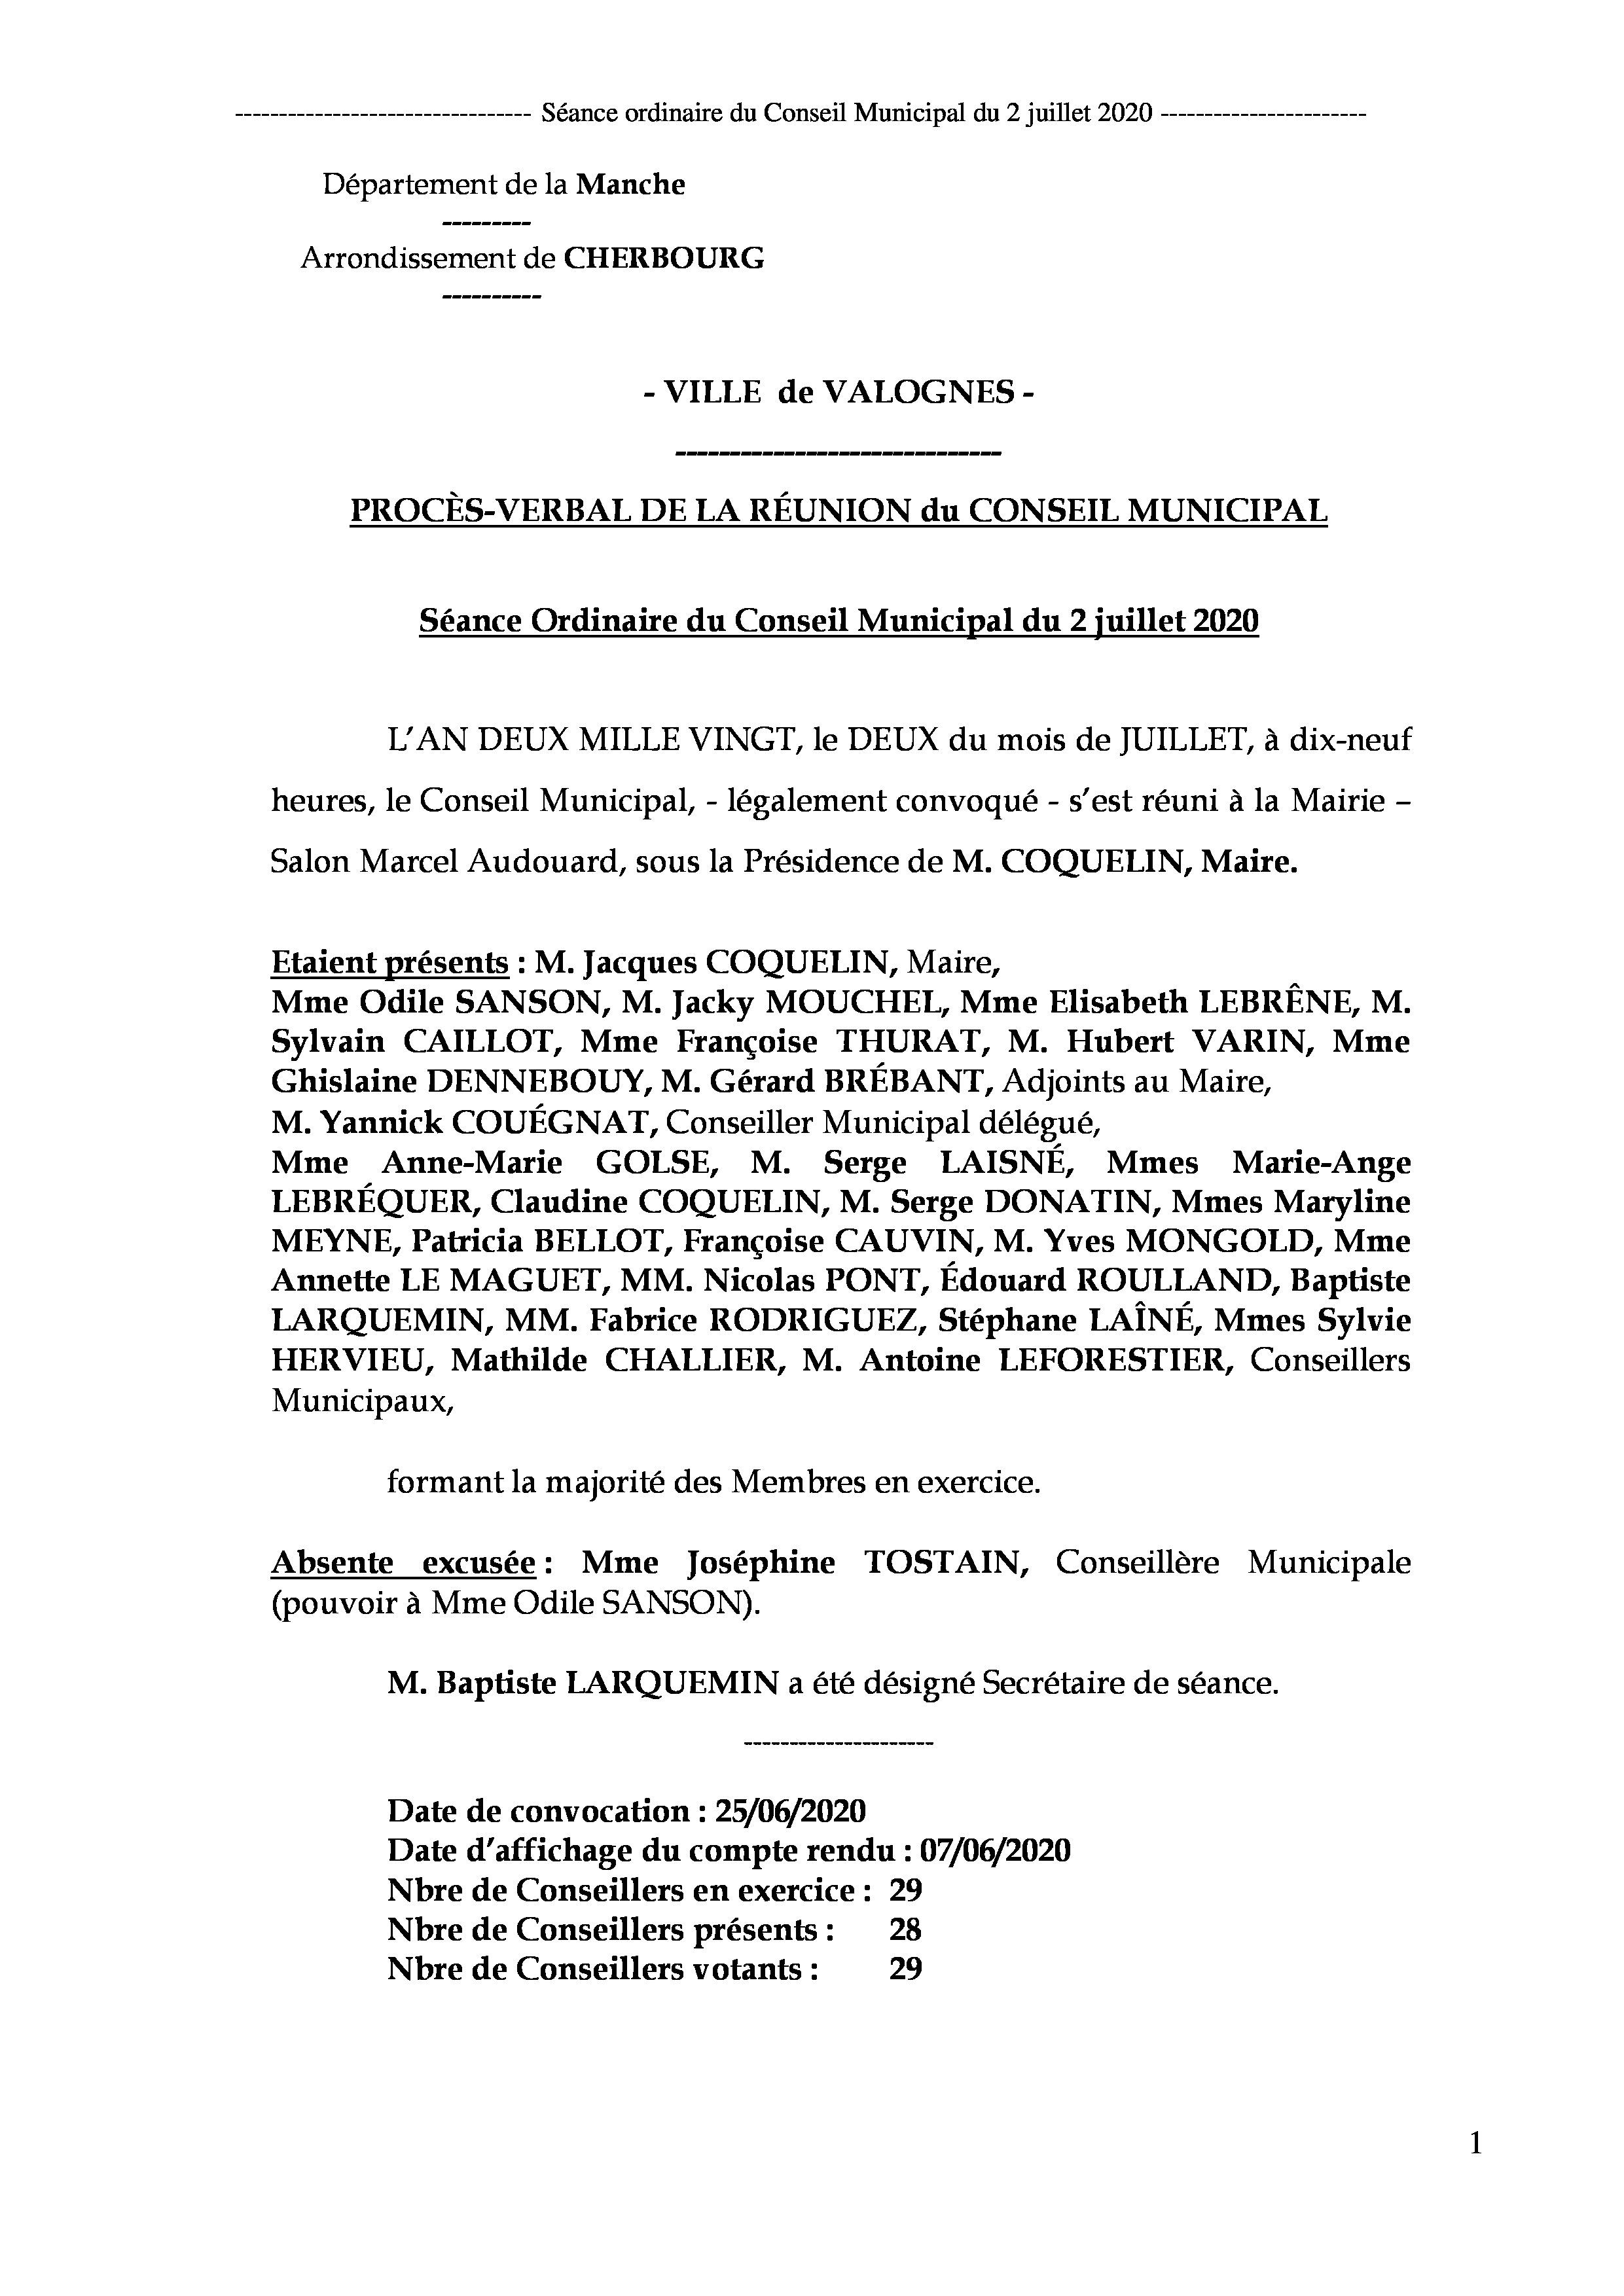 Procès-verbal CM 02 07 20 - Procès-verbal de la réunion du Conseil Municipal du 2 juillet 2020, approuvé à l